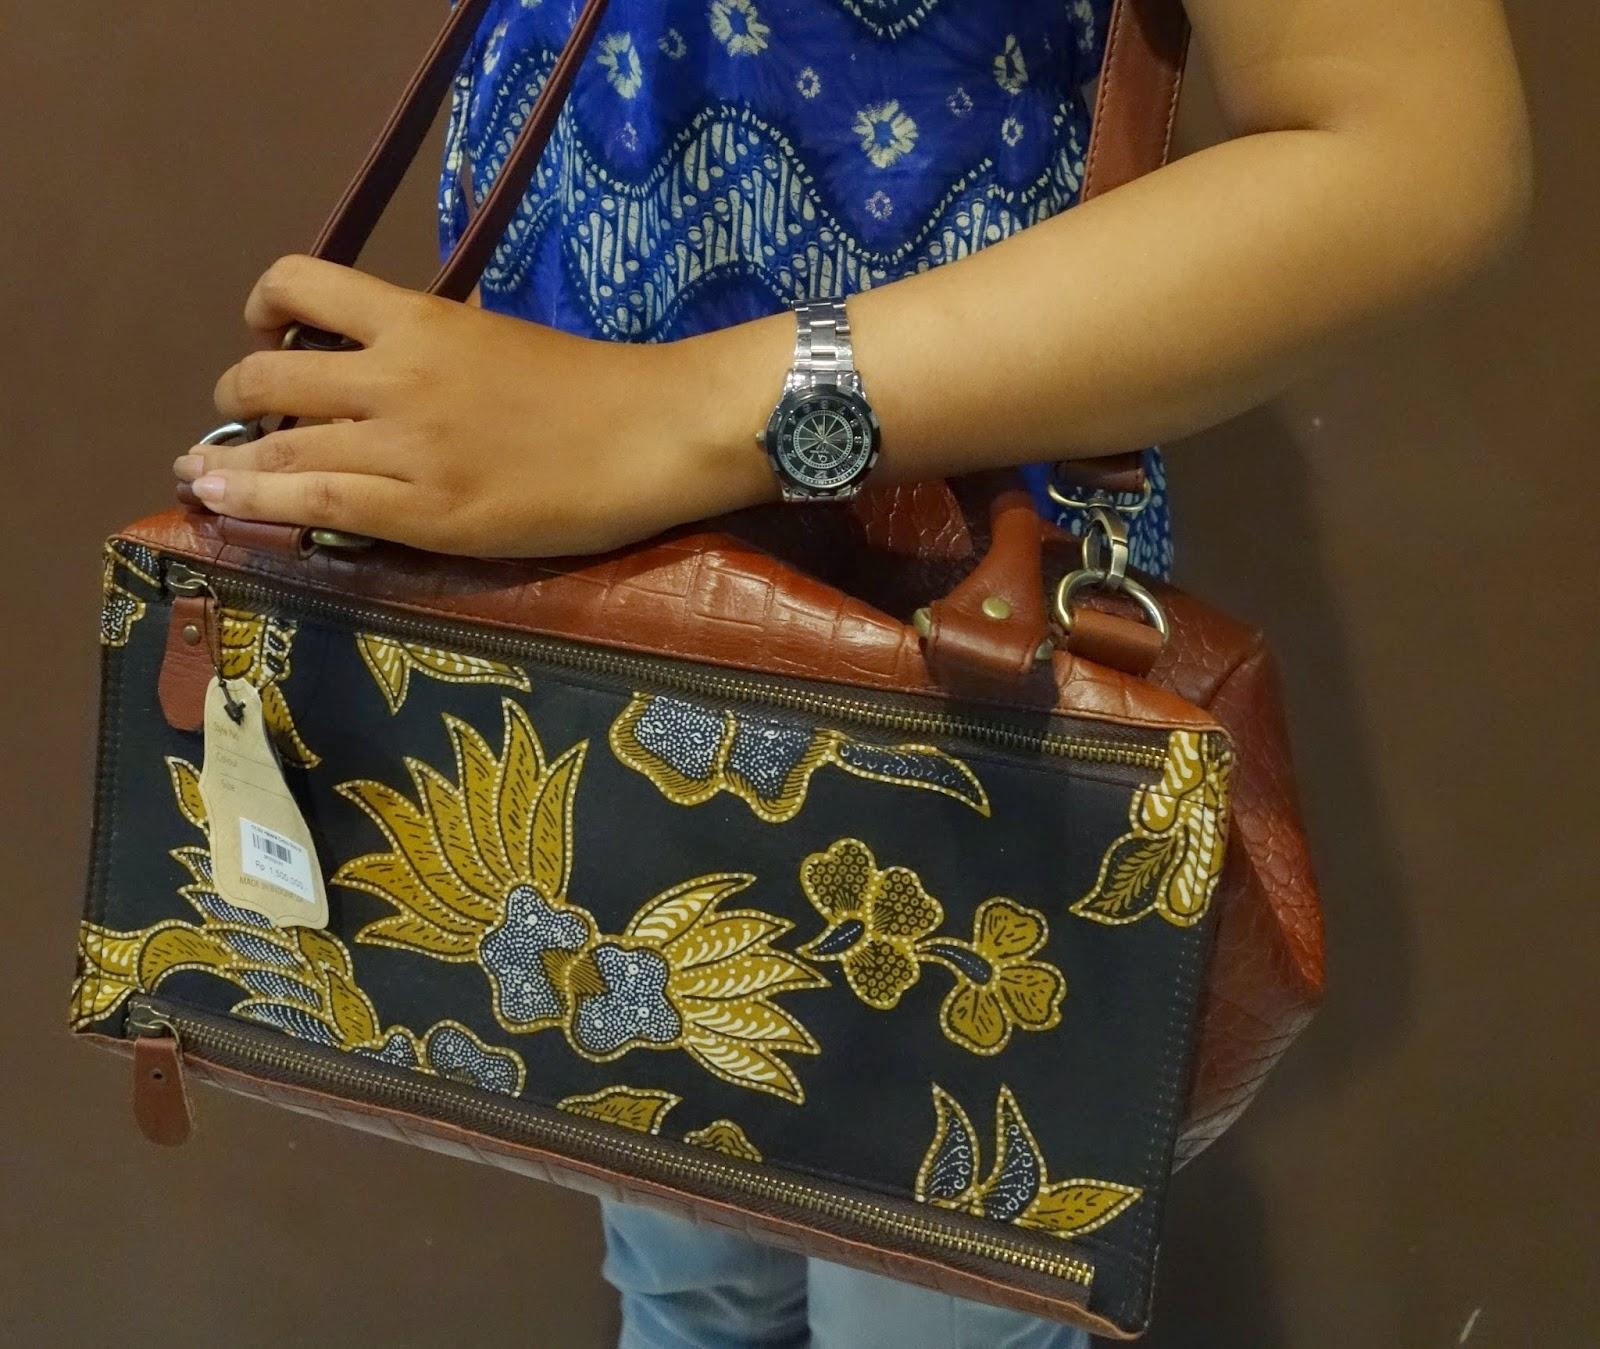 Aksesori Cantik Dari Batik Yang Mempesona, Tips Batik, Info Batik, Pola Batik, Desain Batik, Belanja Batik, Batik Semarang, Batik Jayakarta,